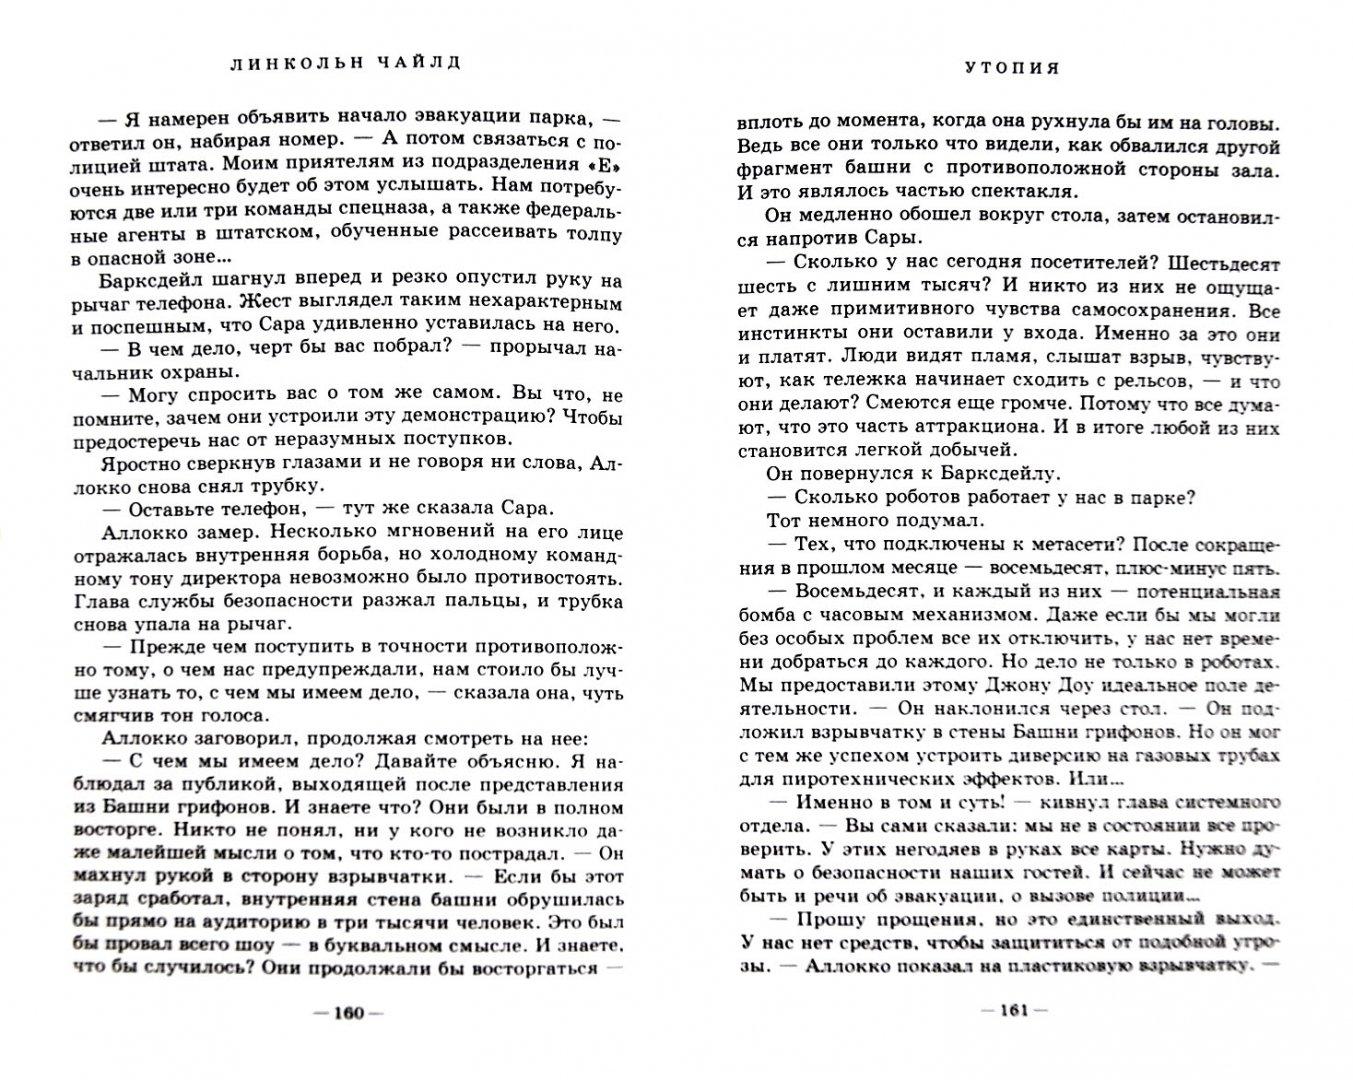 Иллюстрация 1 из 10 для Утопия - Линкольн Чайлд | Лабиринт - книги. Источник: Лабиринт